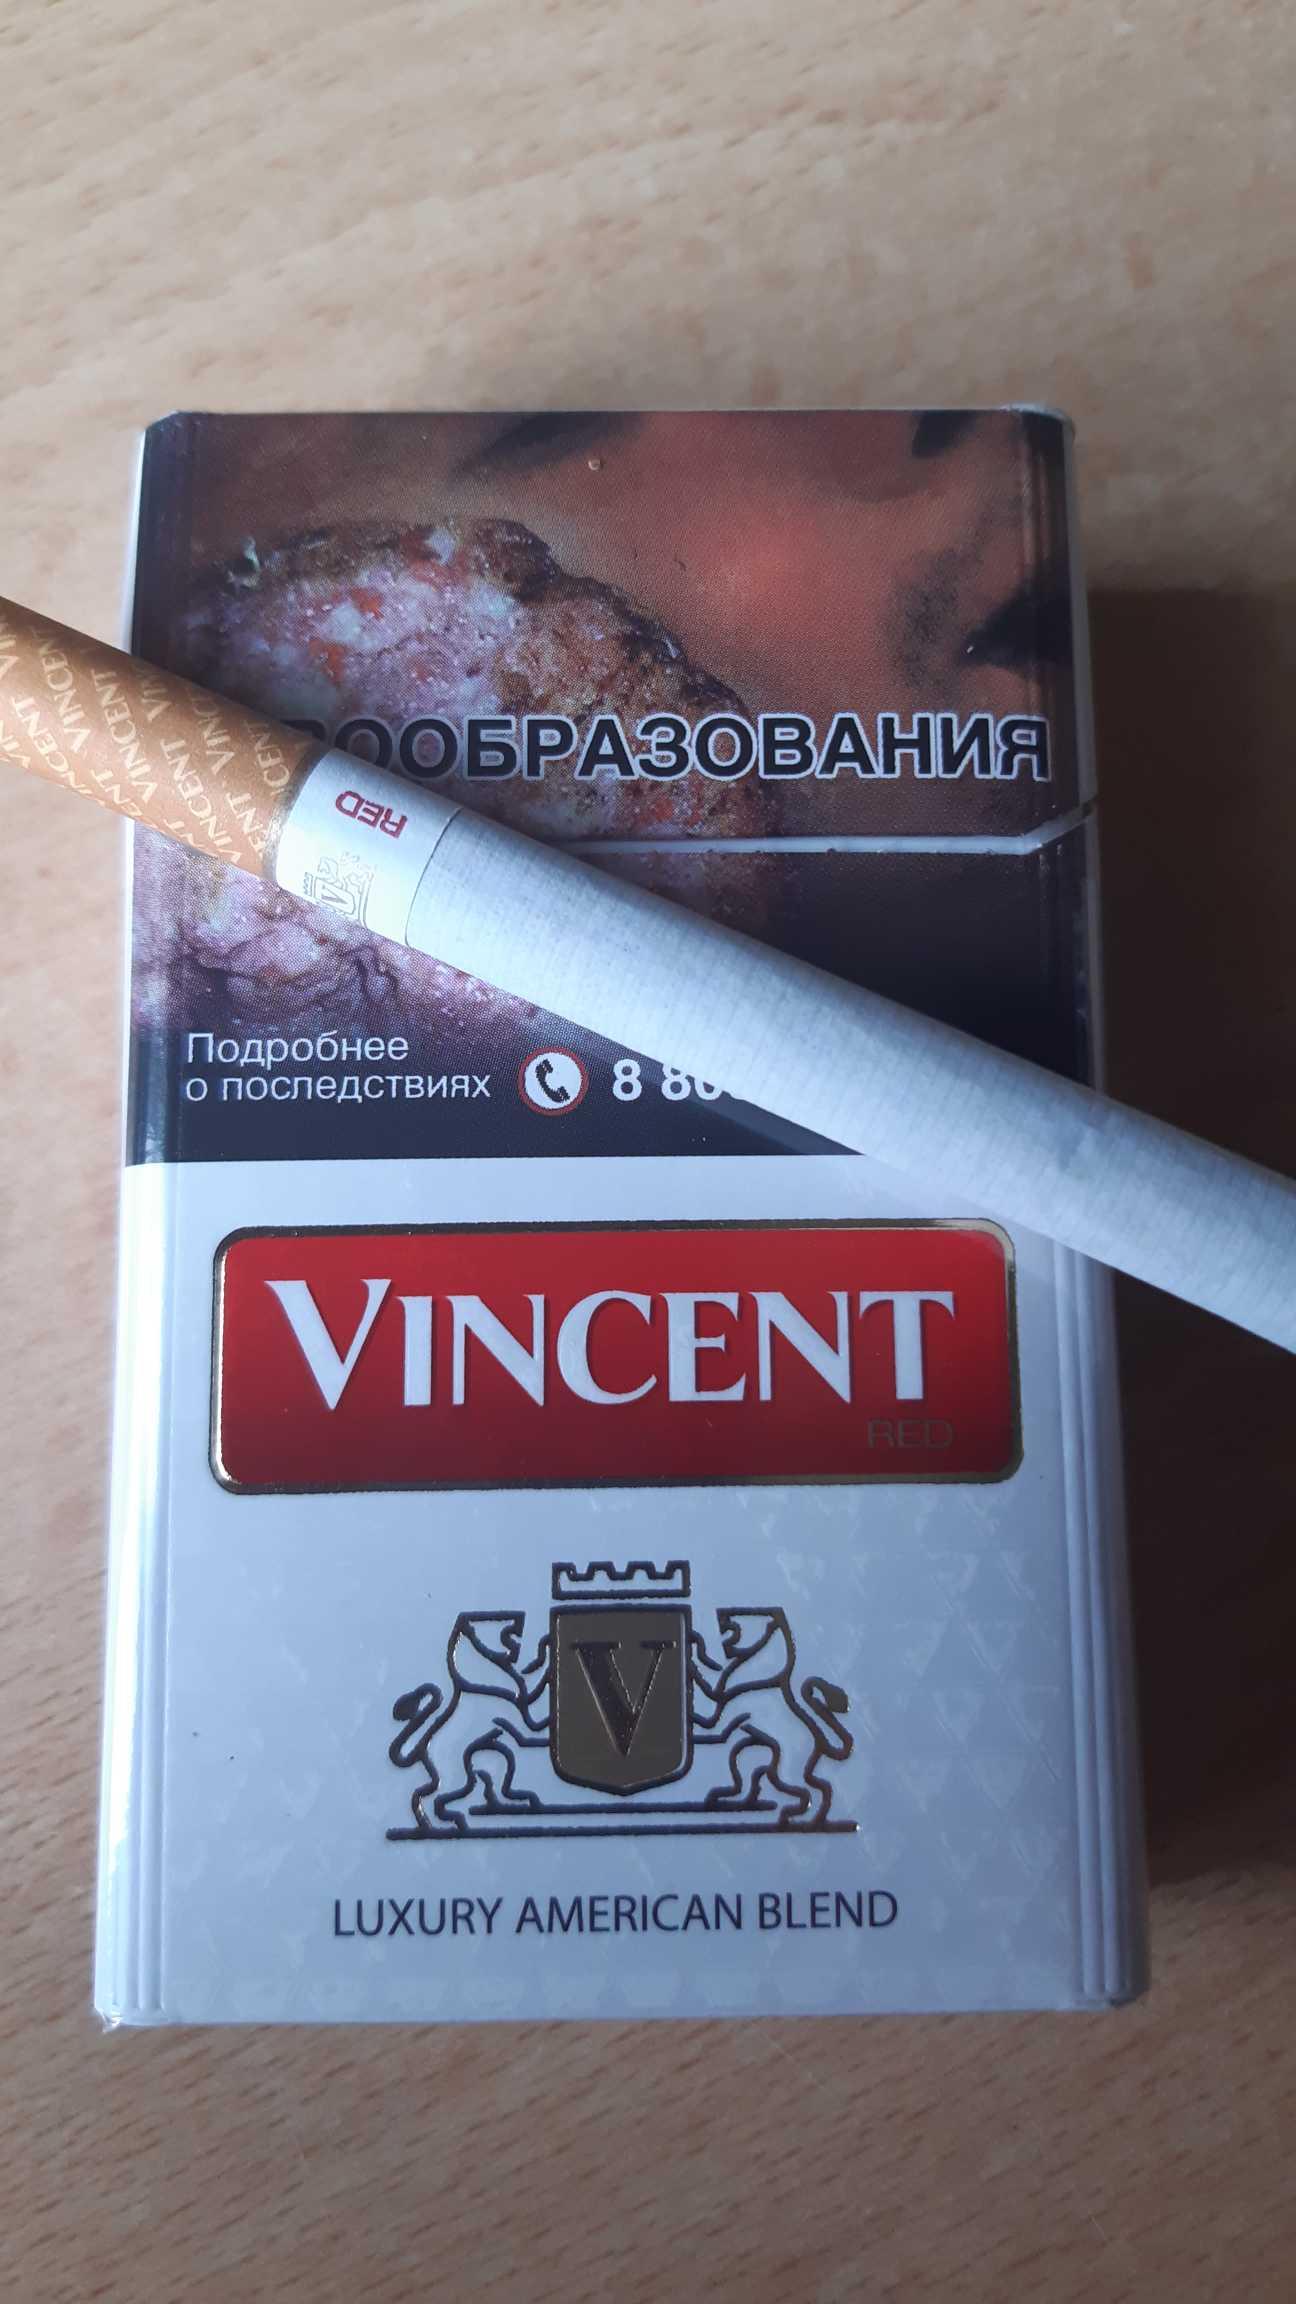 Купить сигареты винсент купить сигареты орск